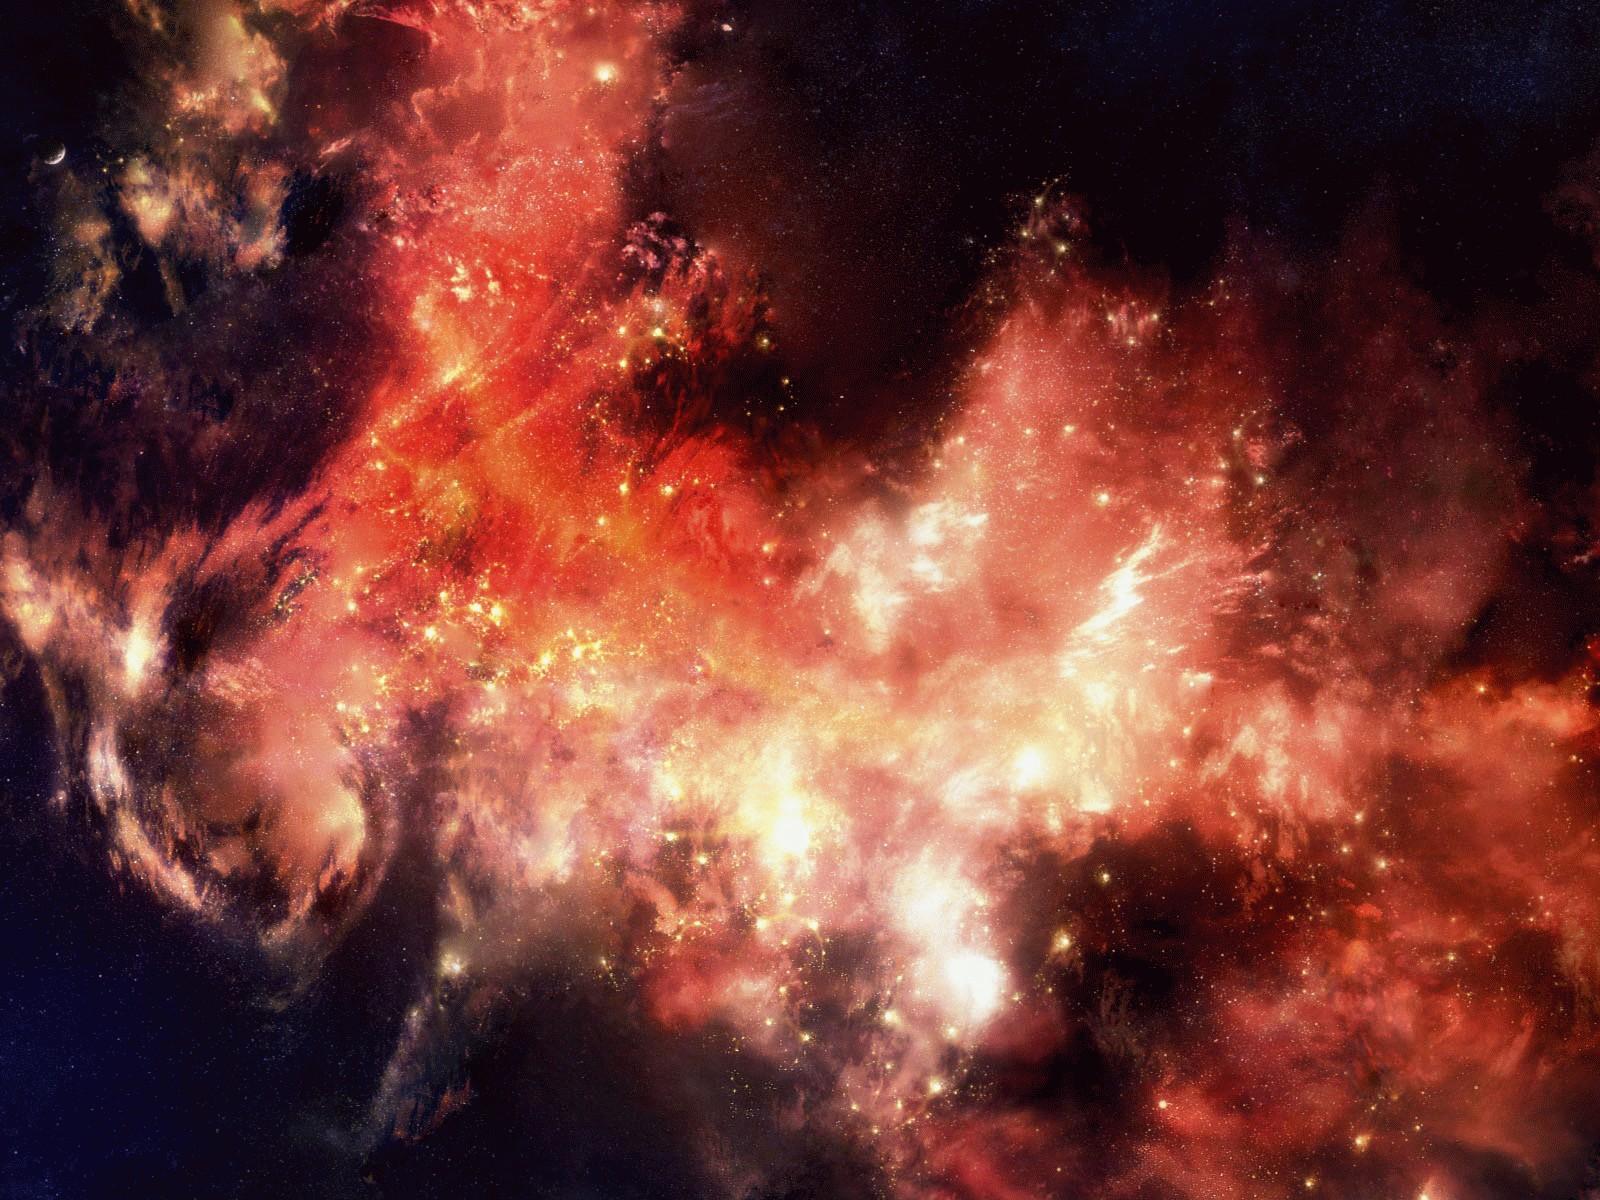 Скачать обои огненный космос 1600x1200